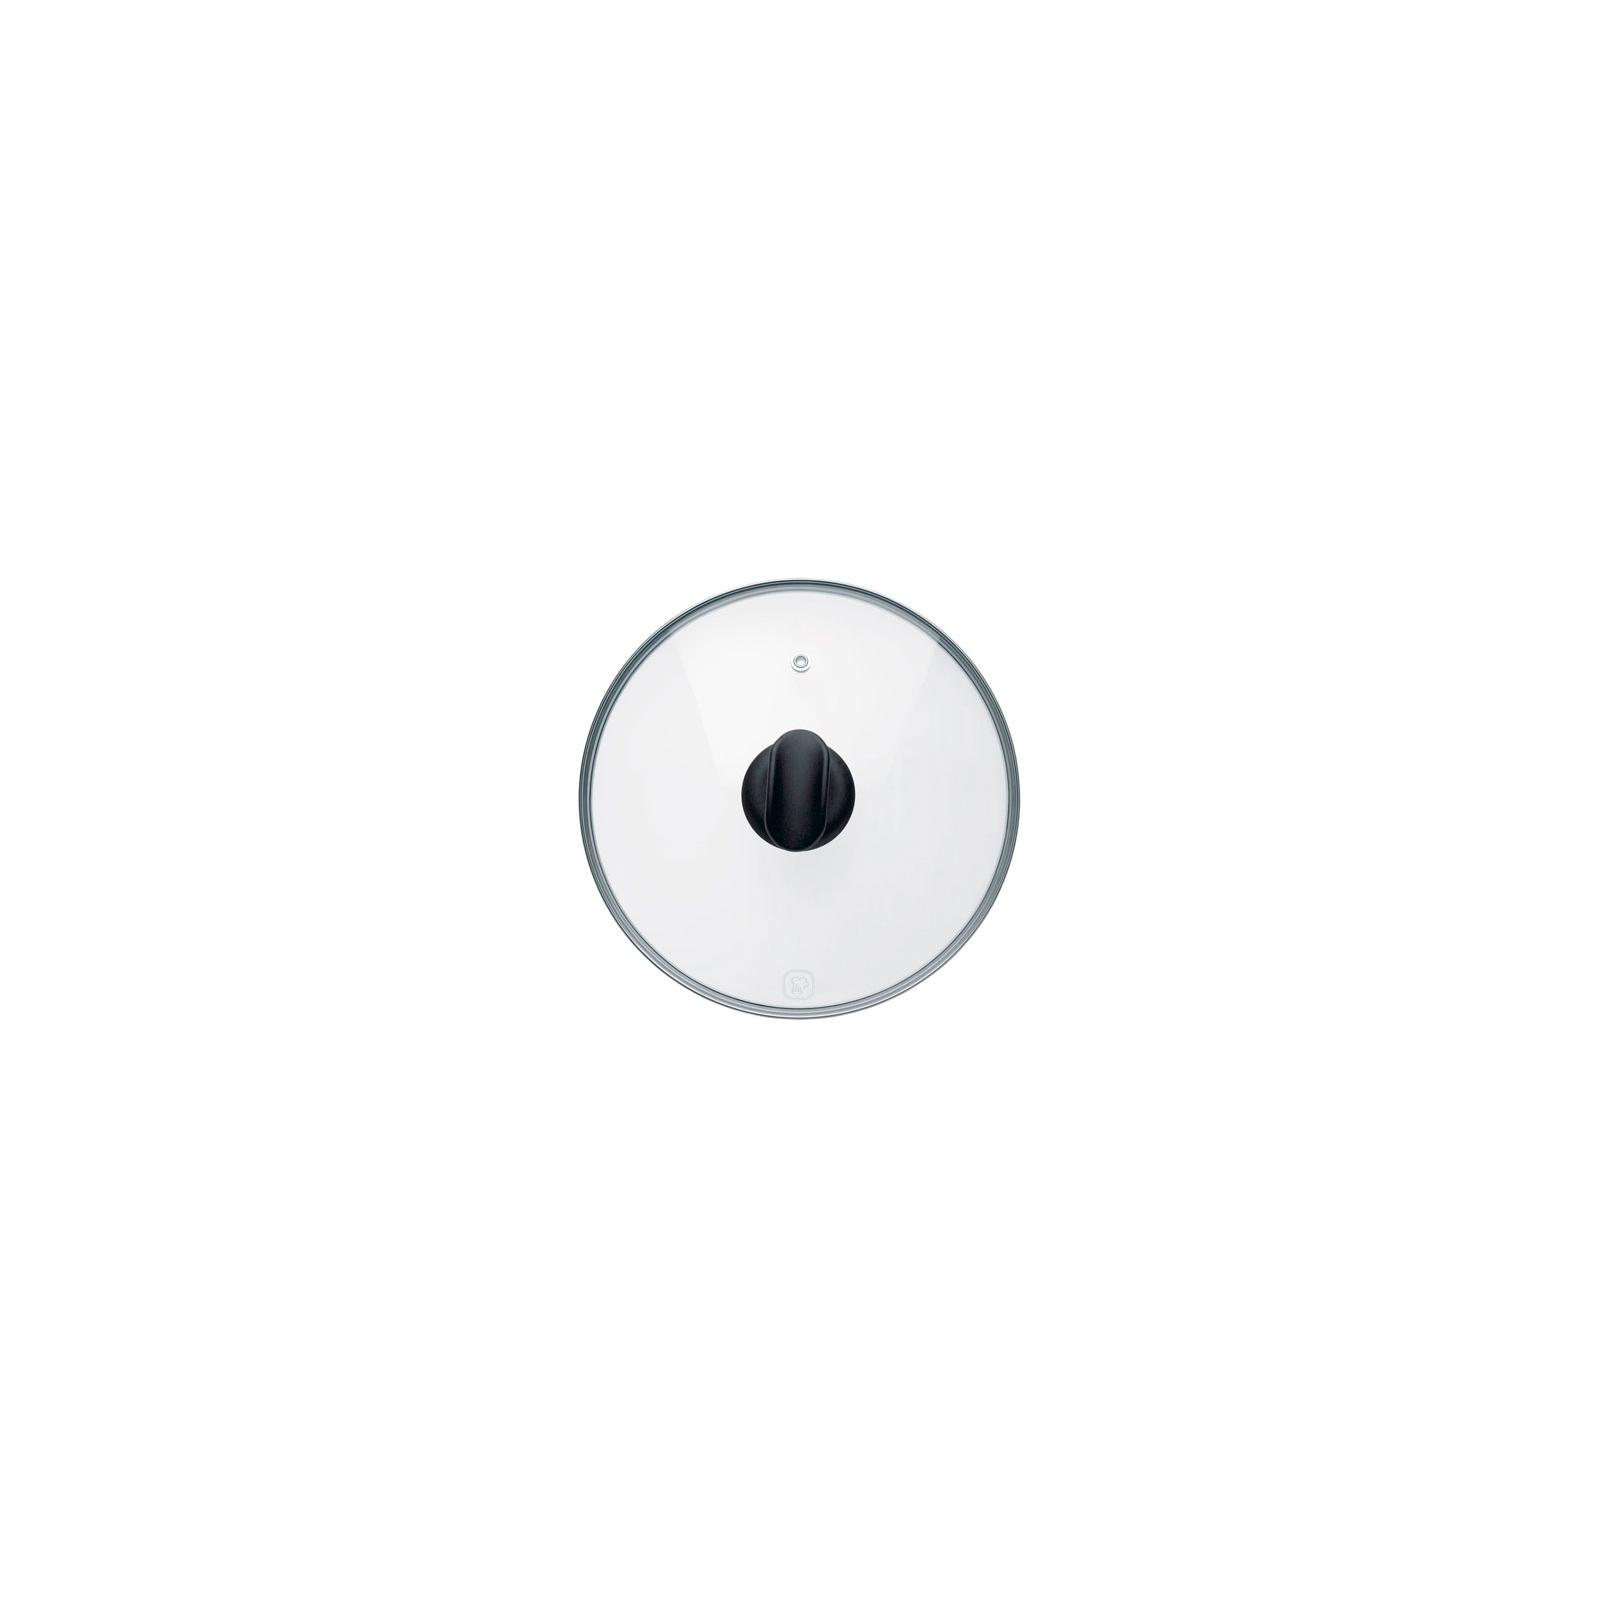 Крышка для посуды Rondell Weller 28 см (RDA-123)